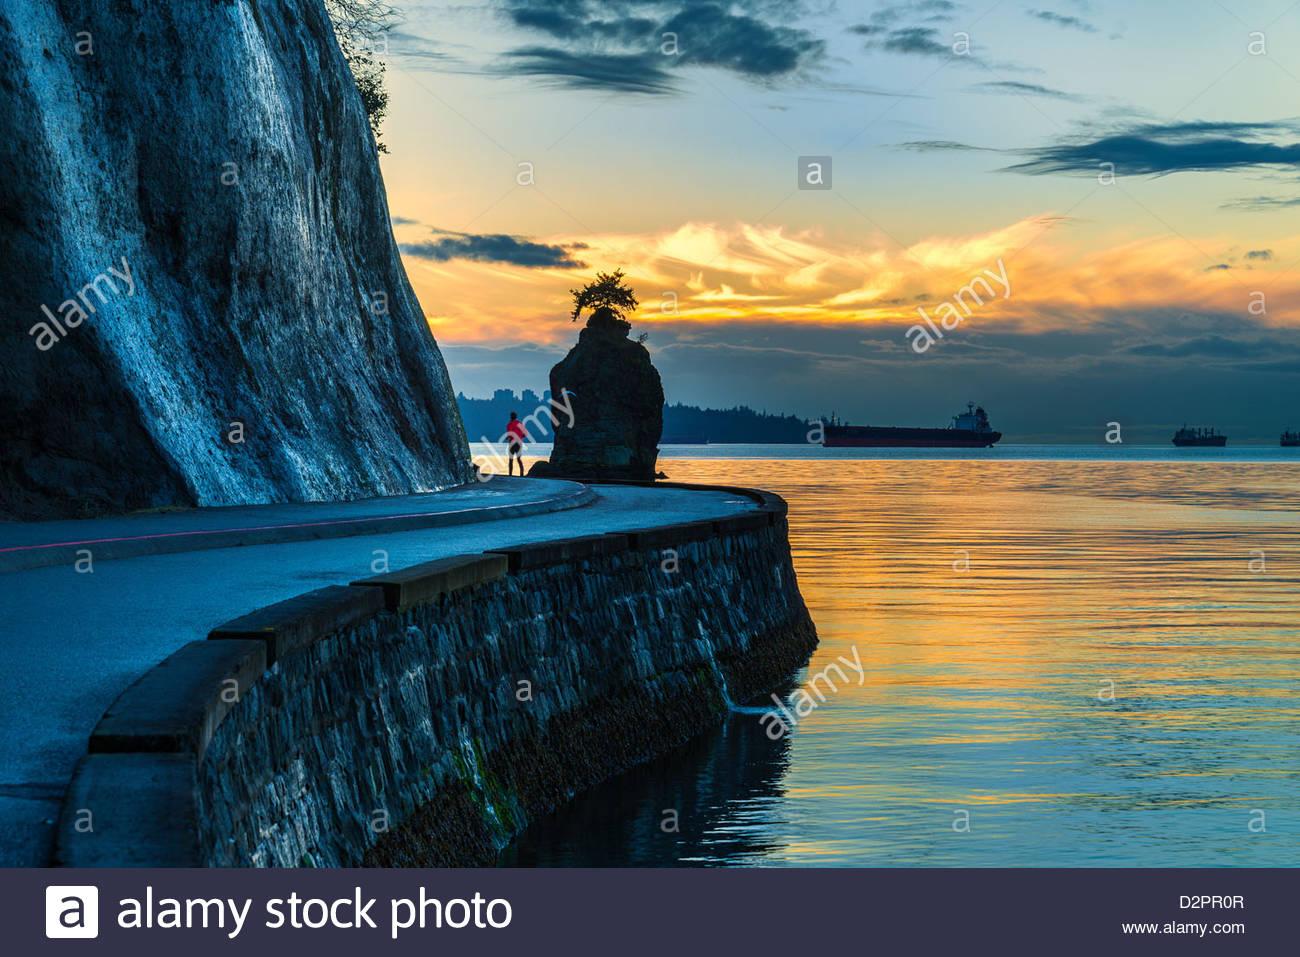 Homme jogger Siwash Rock, passe sur Stanley Park seawall au coucher du soleil, Vancouver, Colombie-Britannique, Photo Stock